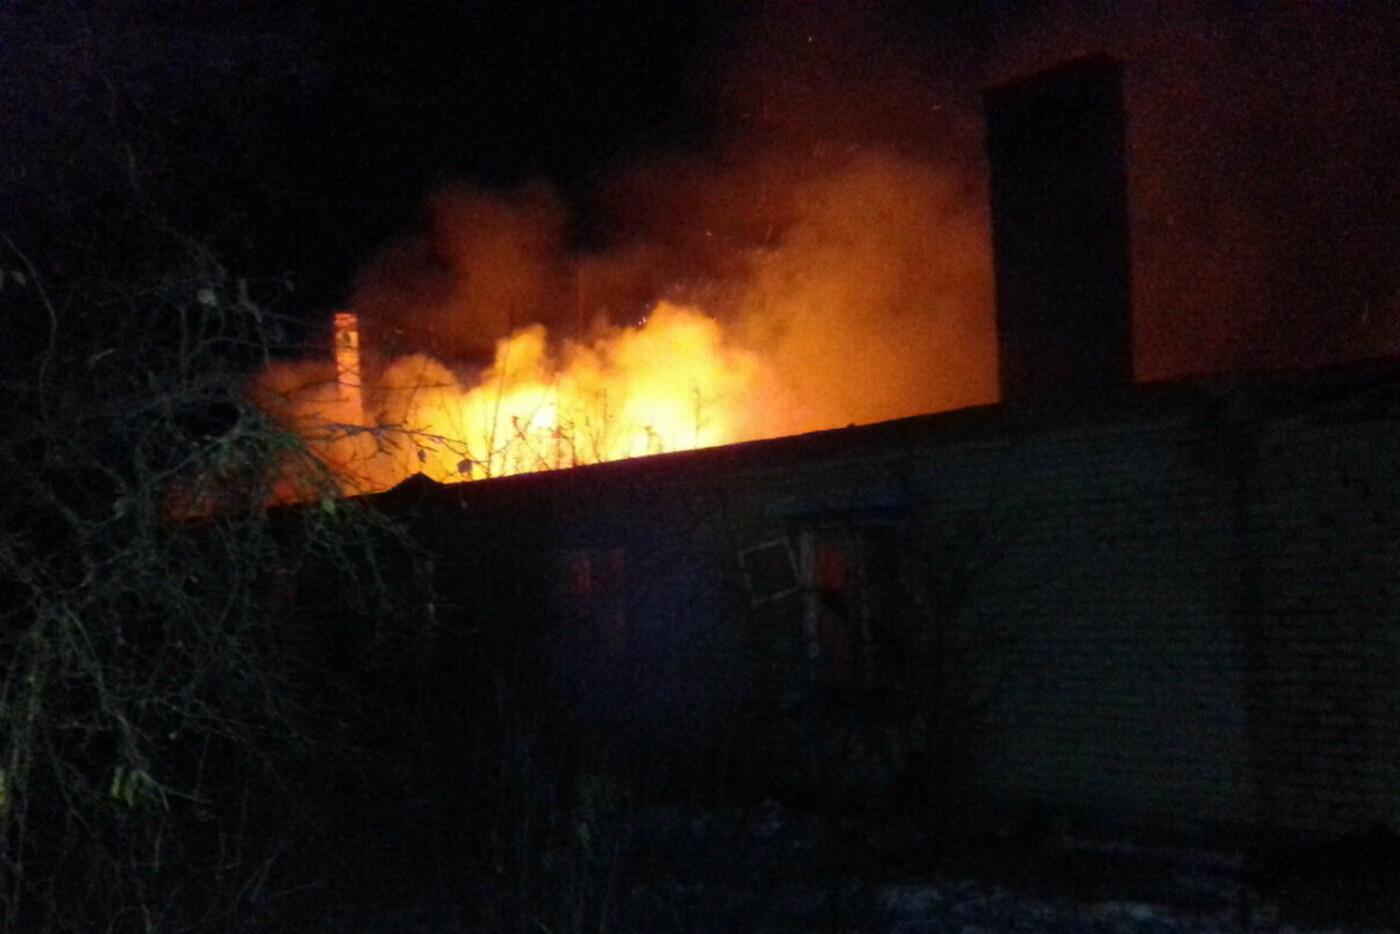 В селе под Харьковом сгорели два местных жителя, - ФОТО, фото-1